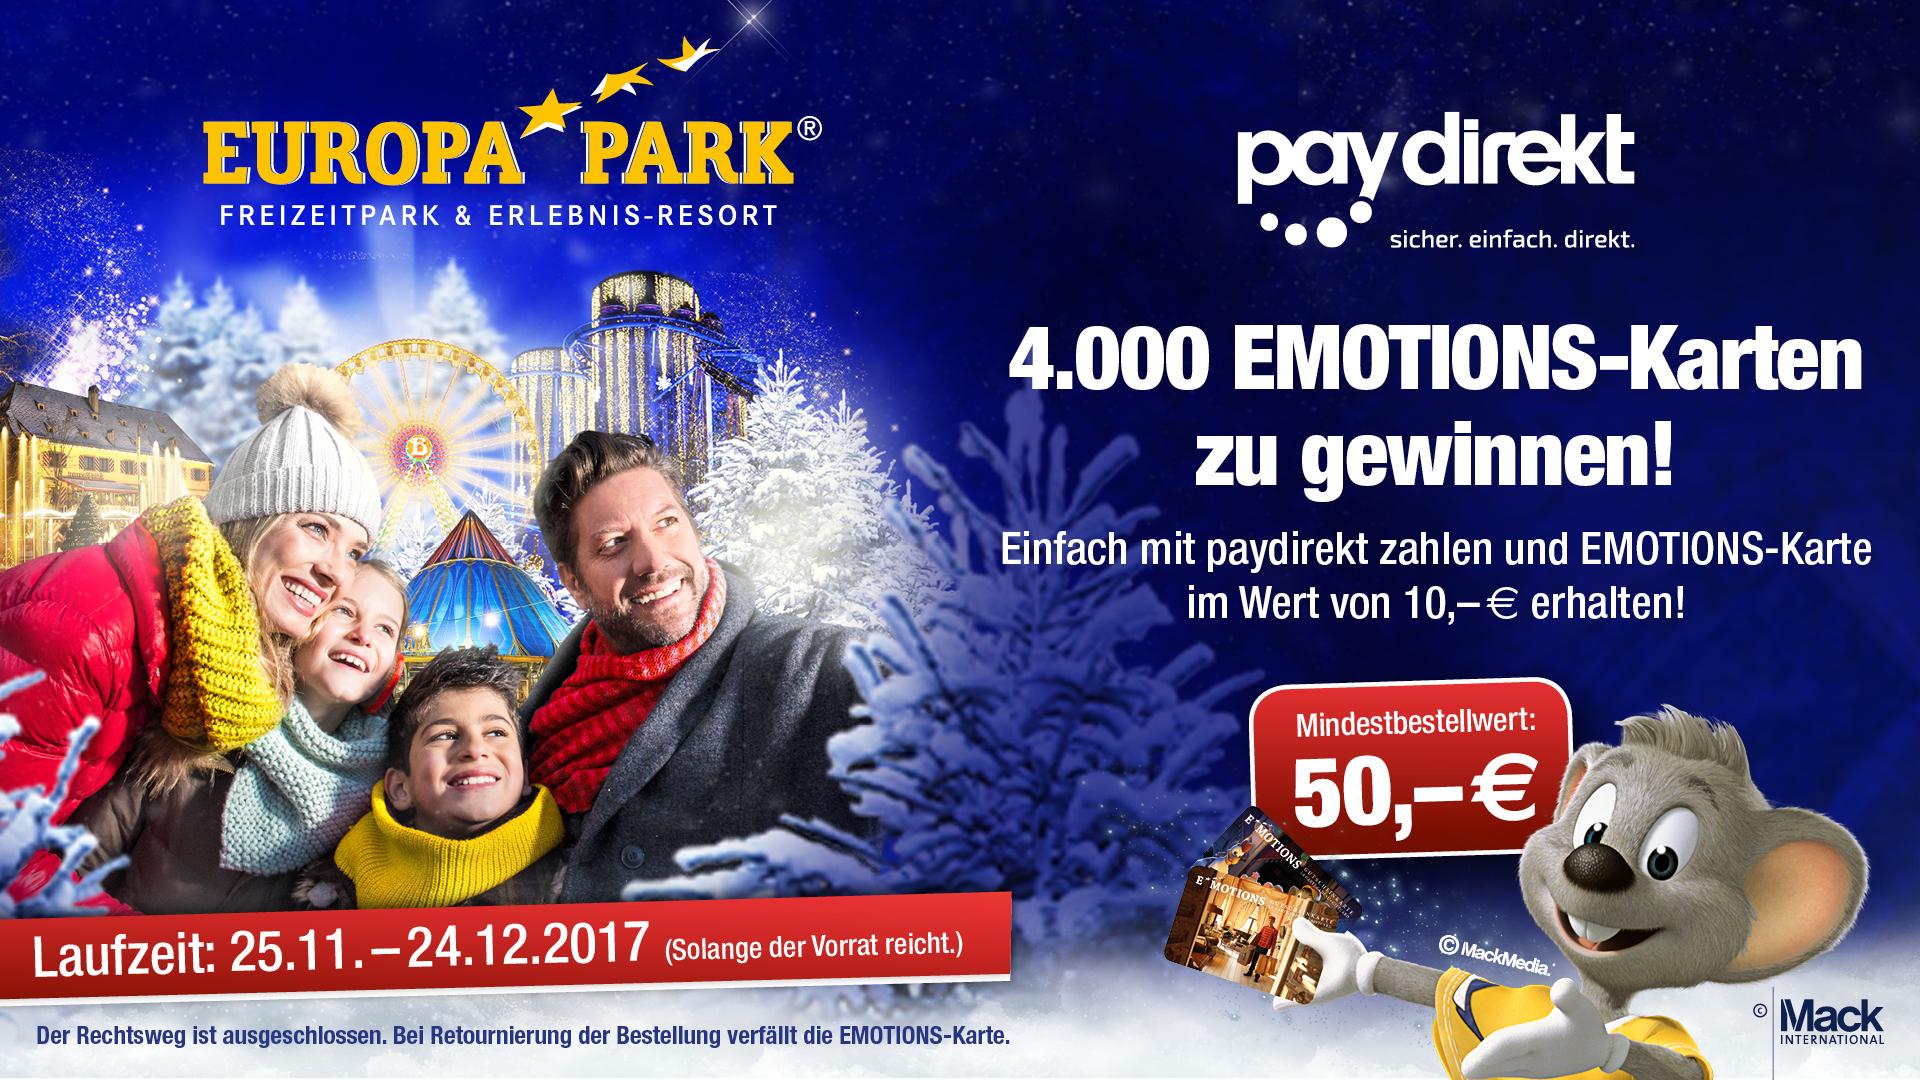 Europapark: 10€ Gutscheinkarte bei Bezahlung per paydirekt im Online-Shop